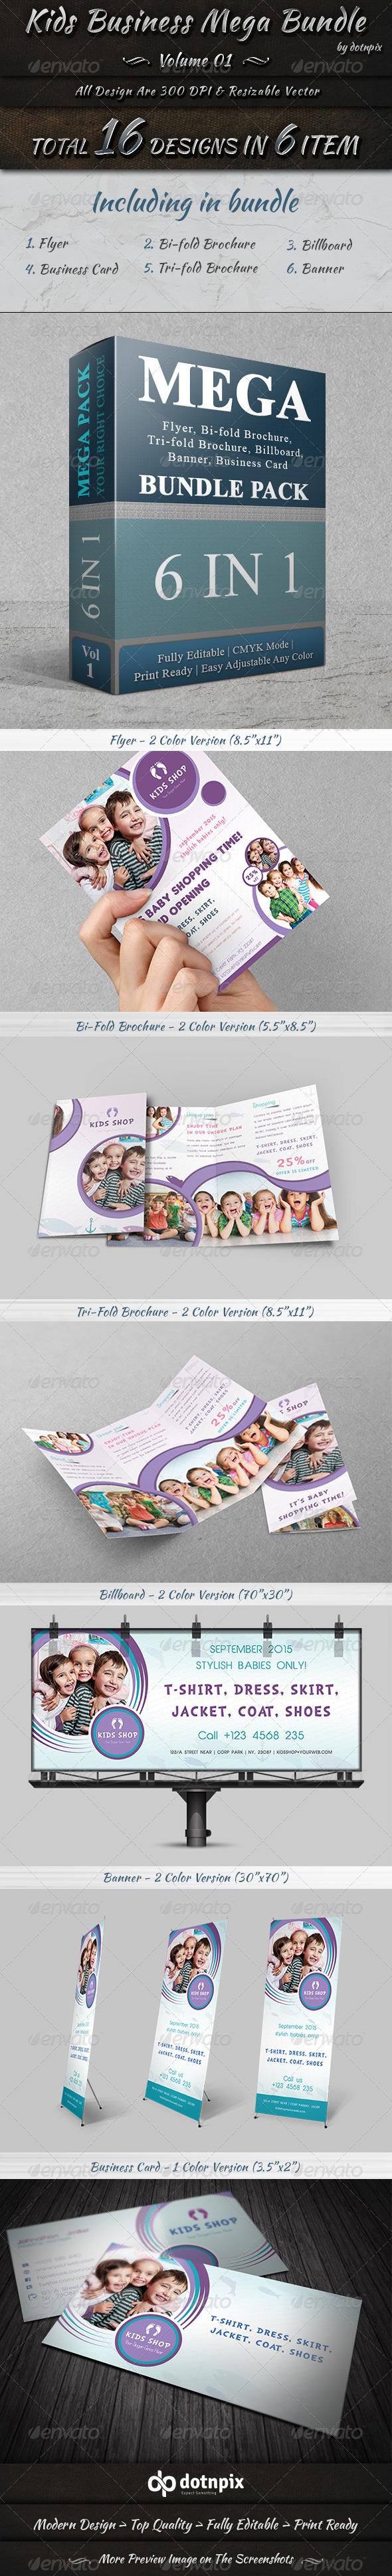 GraphicRiver Kids Business Mega Bundle Volume 1 7598593